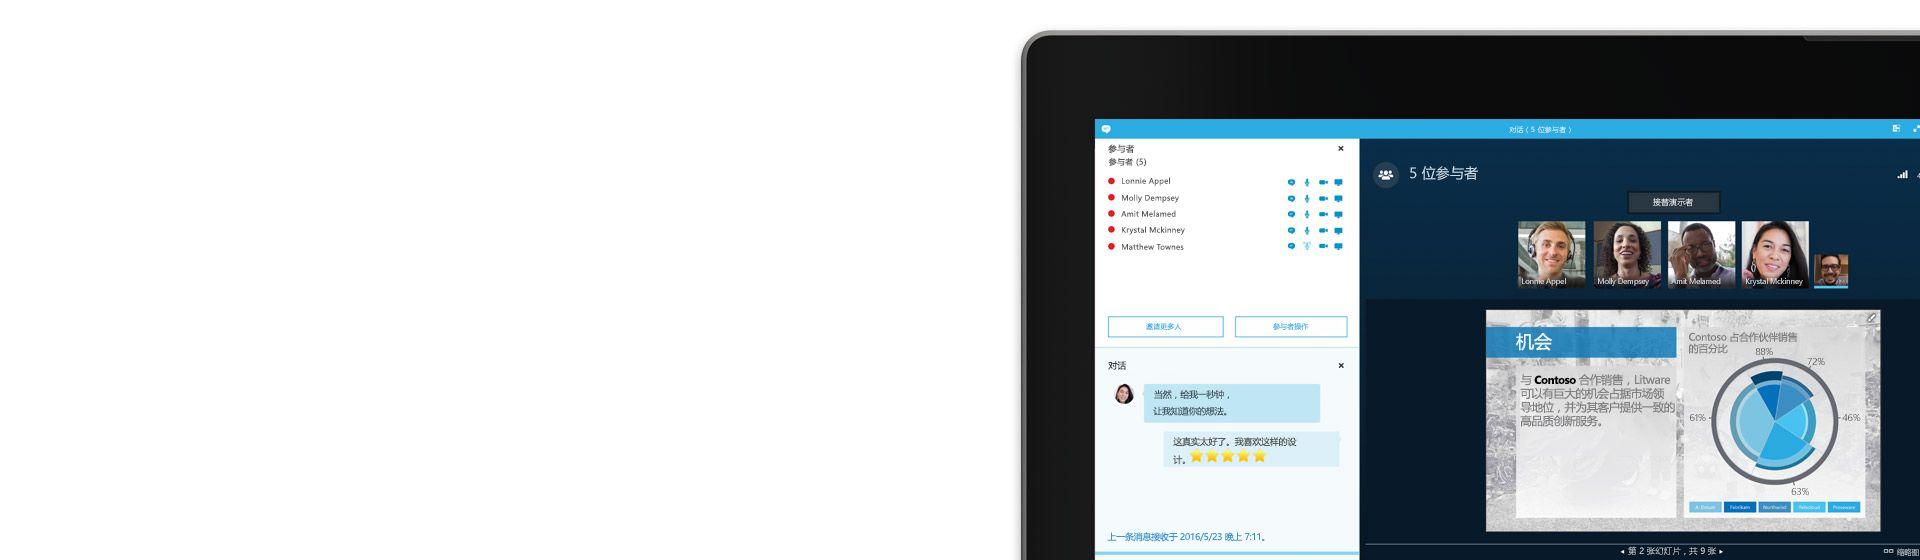 笔记本电脑屏幕的一角,显示进行中的 Skype for Business 会议和参与者列表